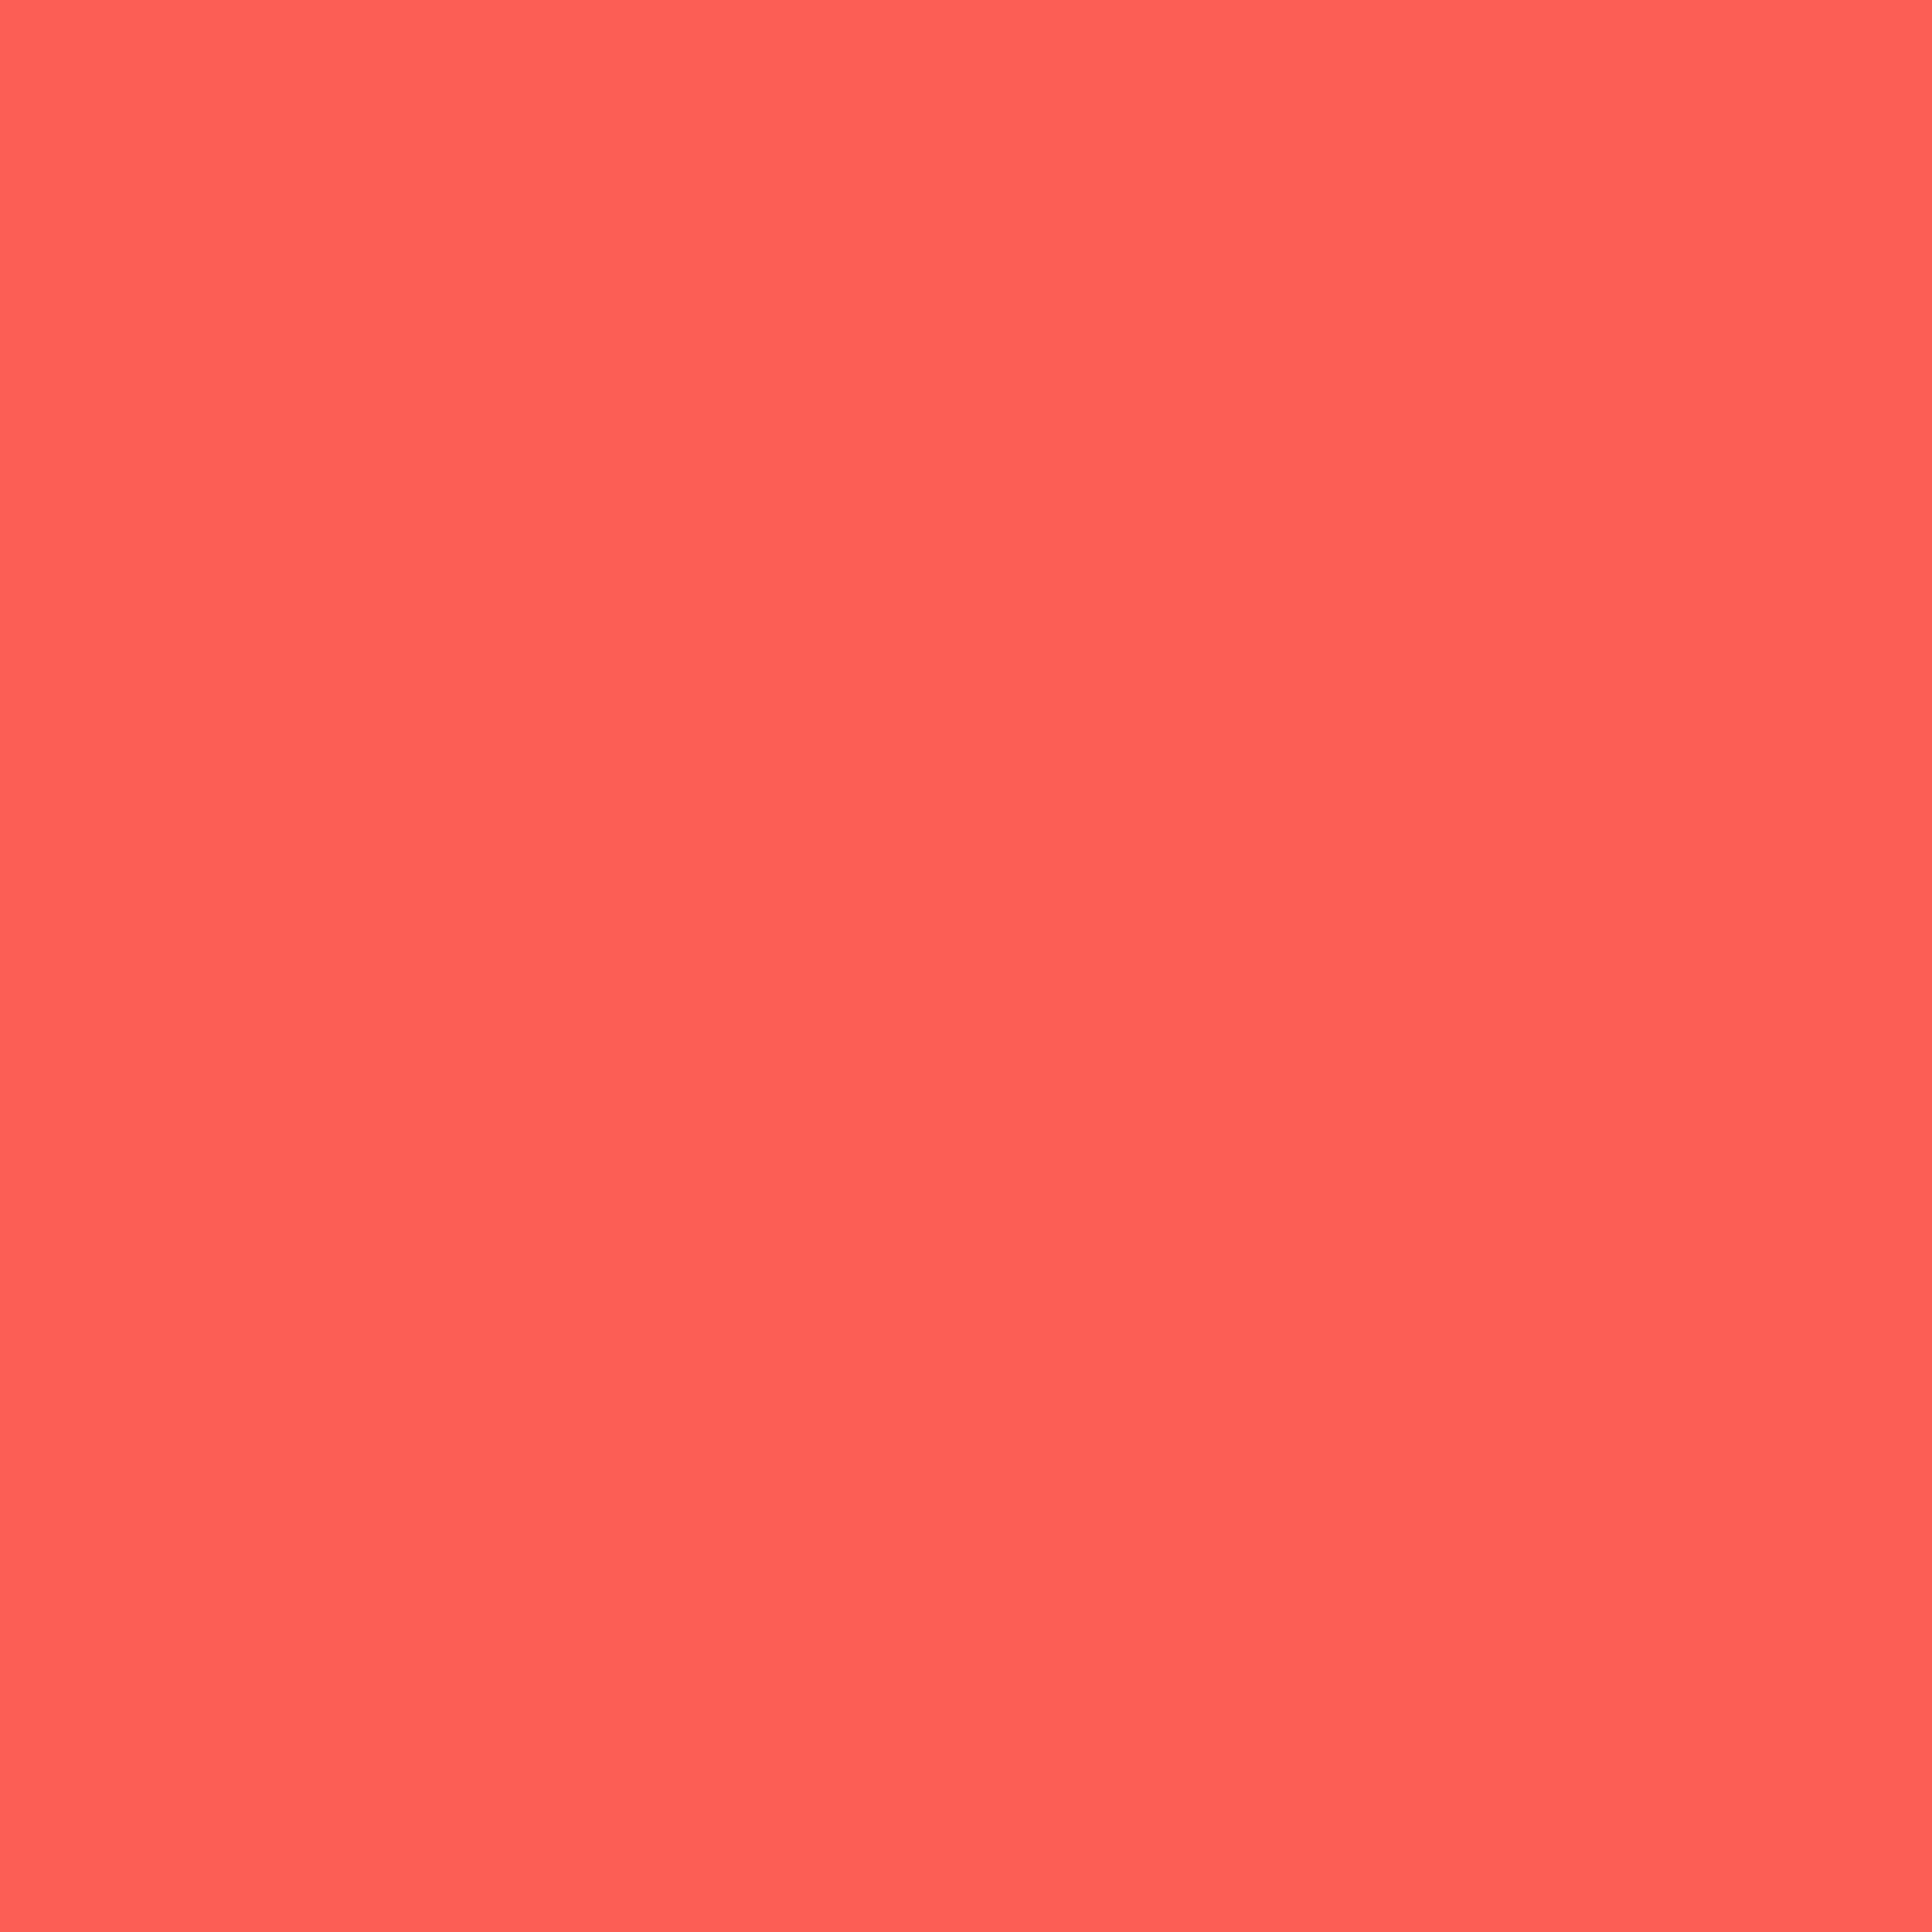 3600x3600 Sunset Orange Solid Color Background